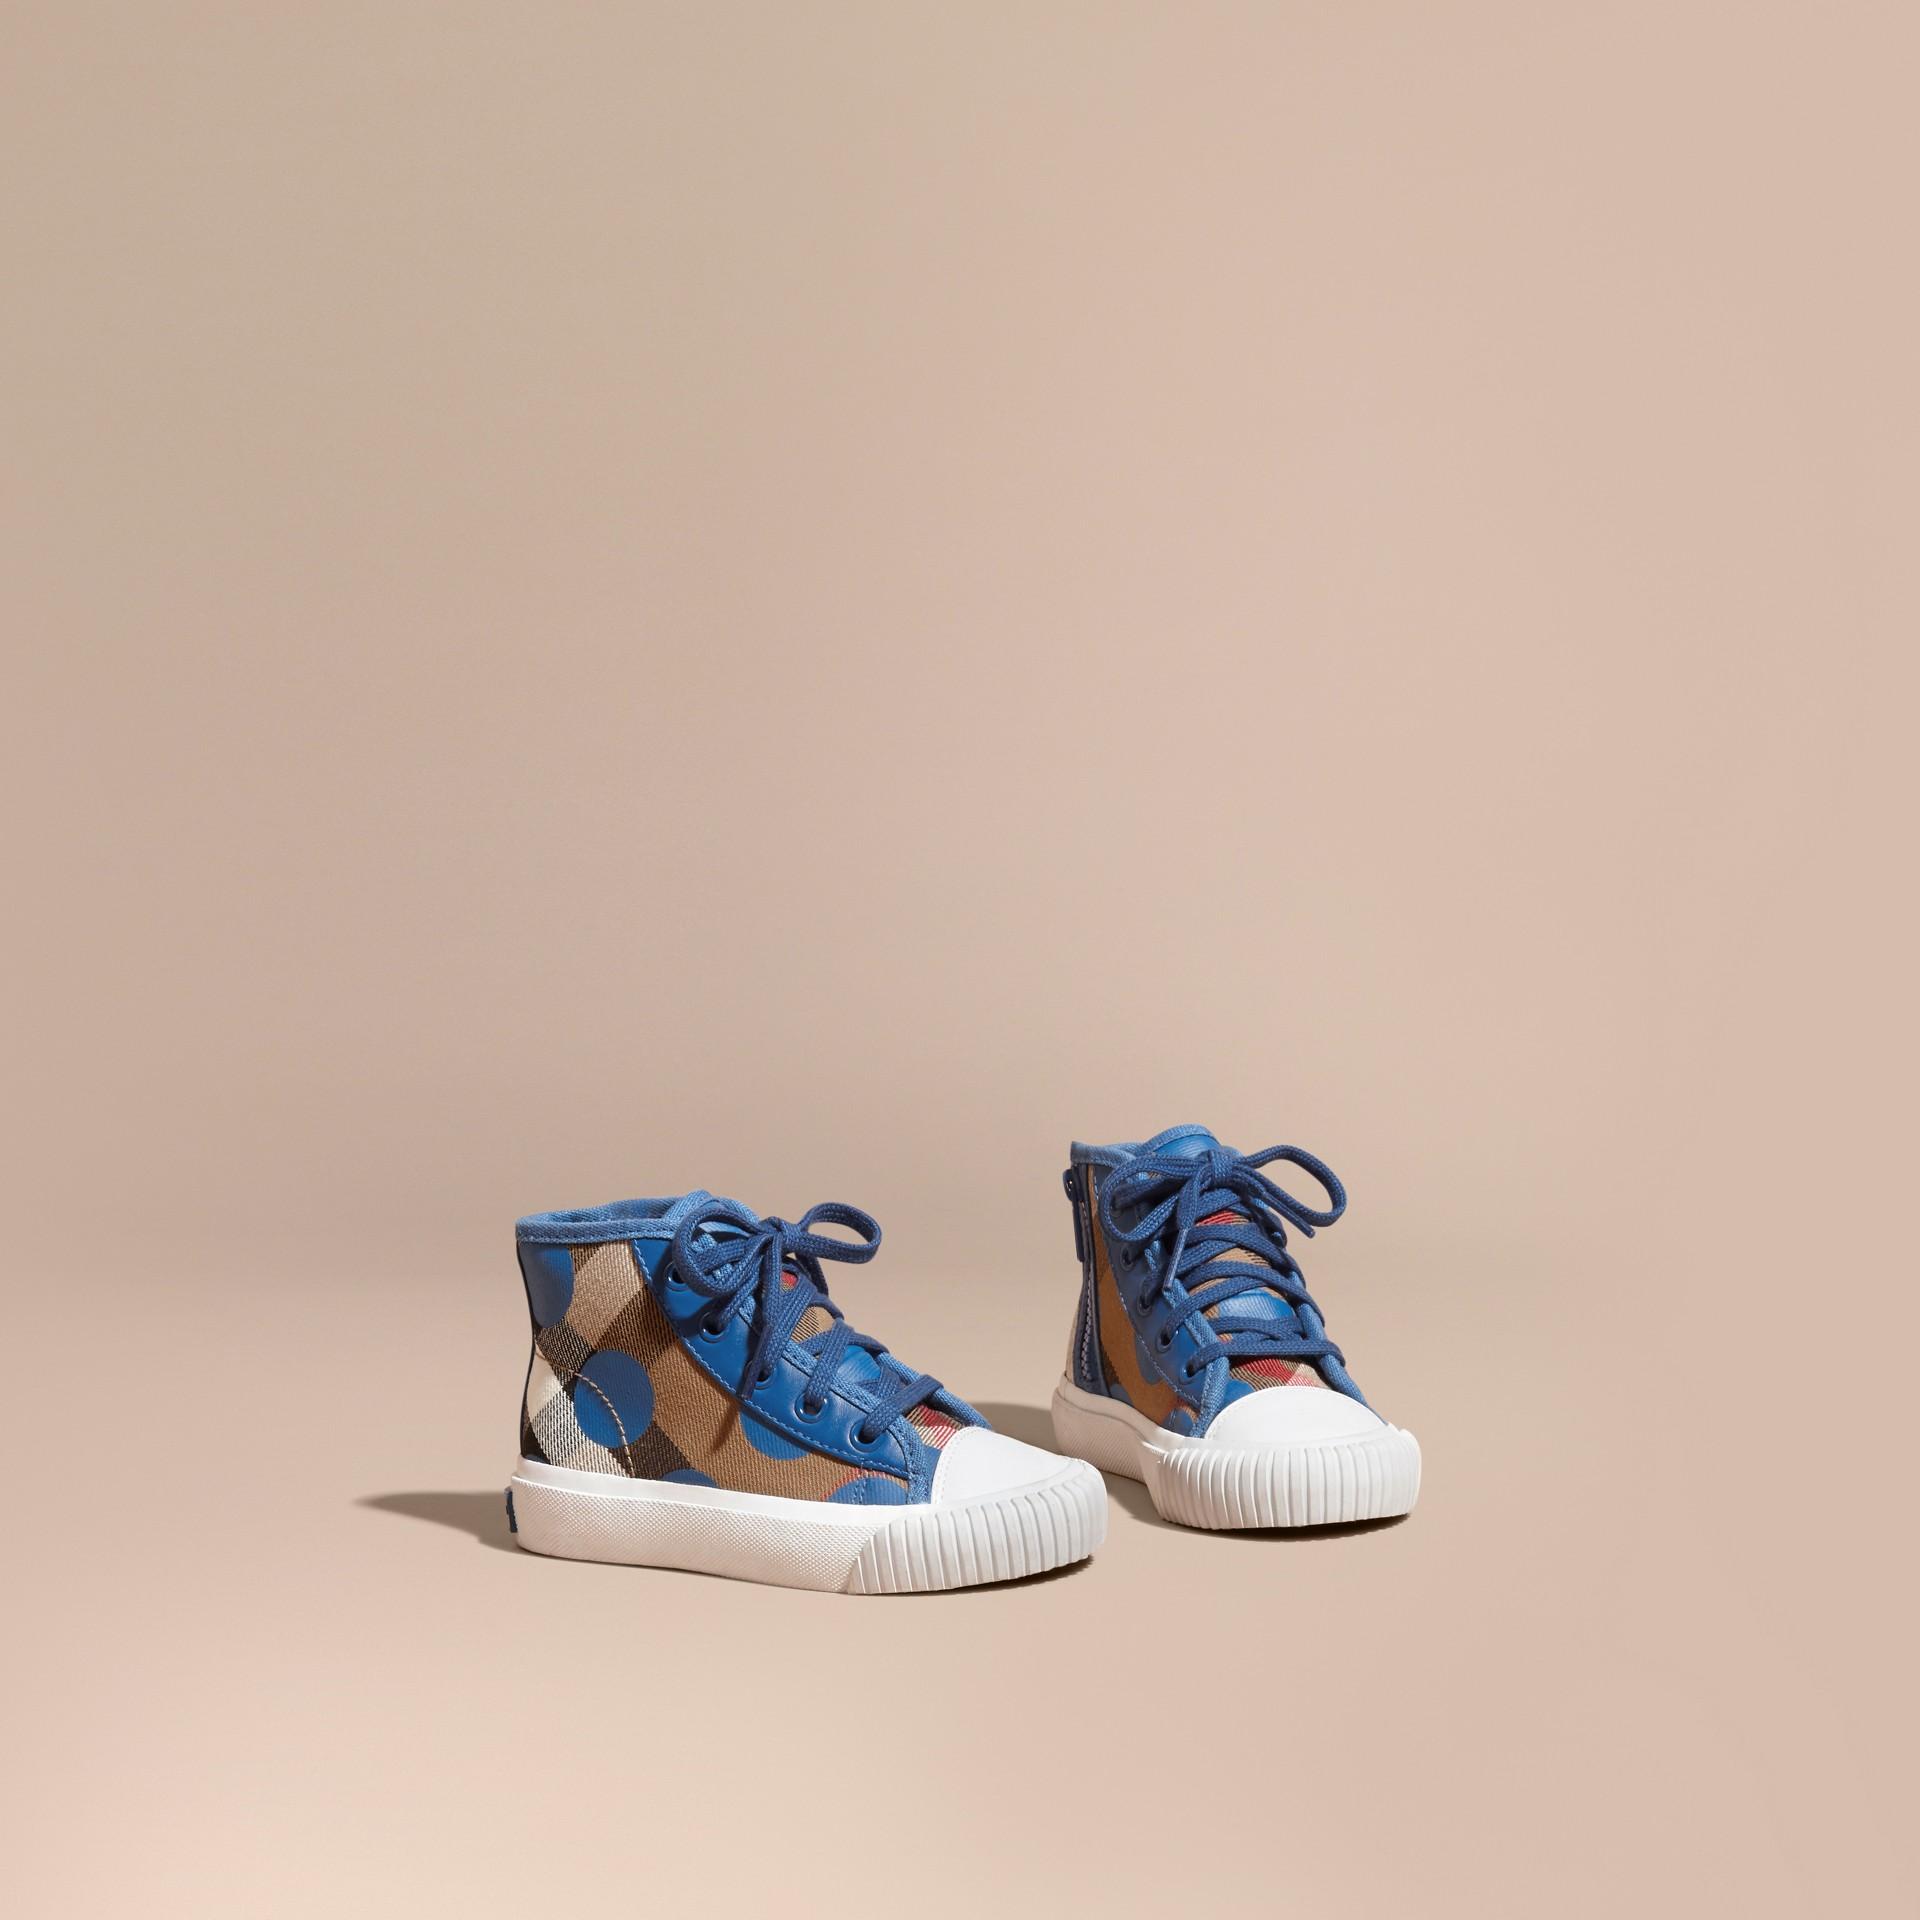 Bleu lupin Sneakers montantes à motif check et imprimé à cœurs, avec détails en cuir Bleu Lupin - photo de la galerie 1